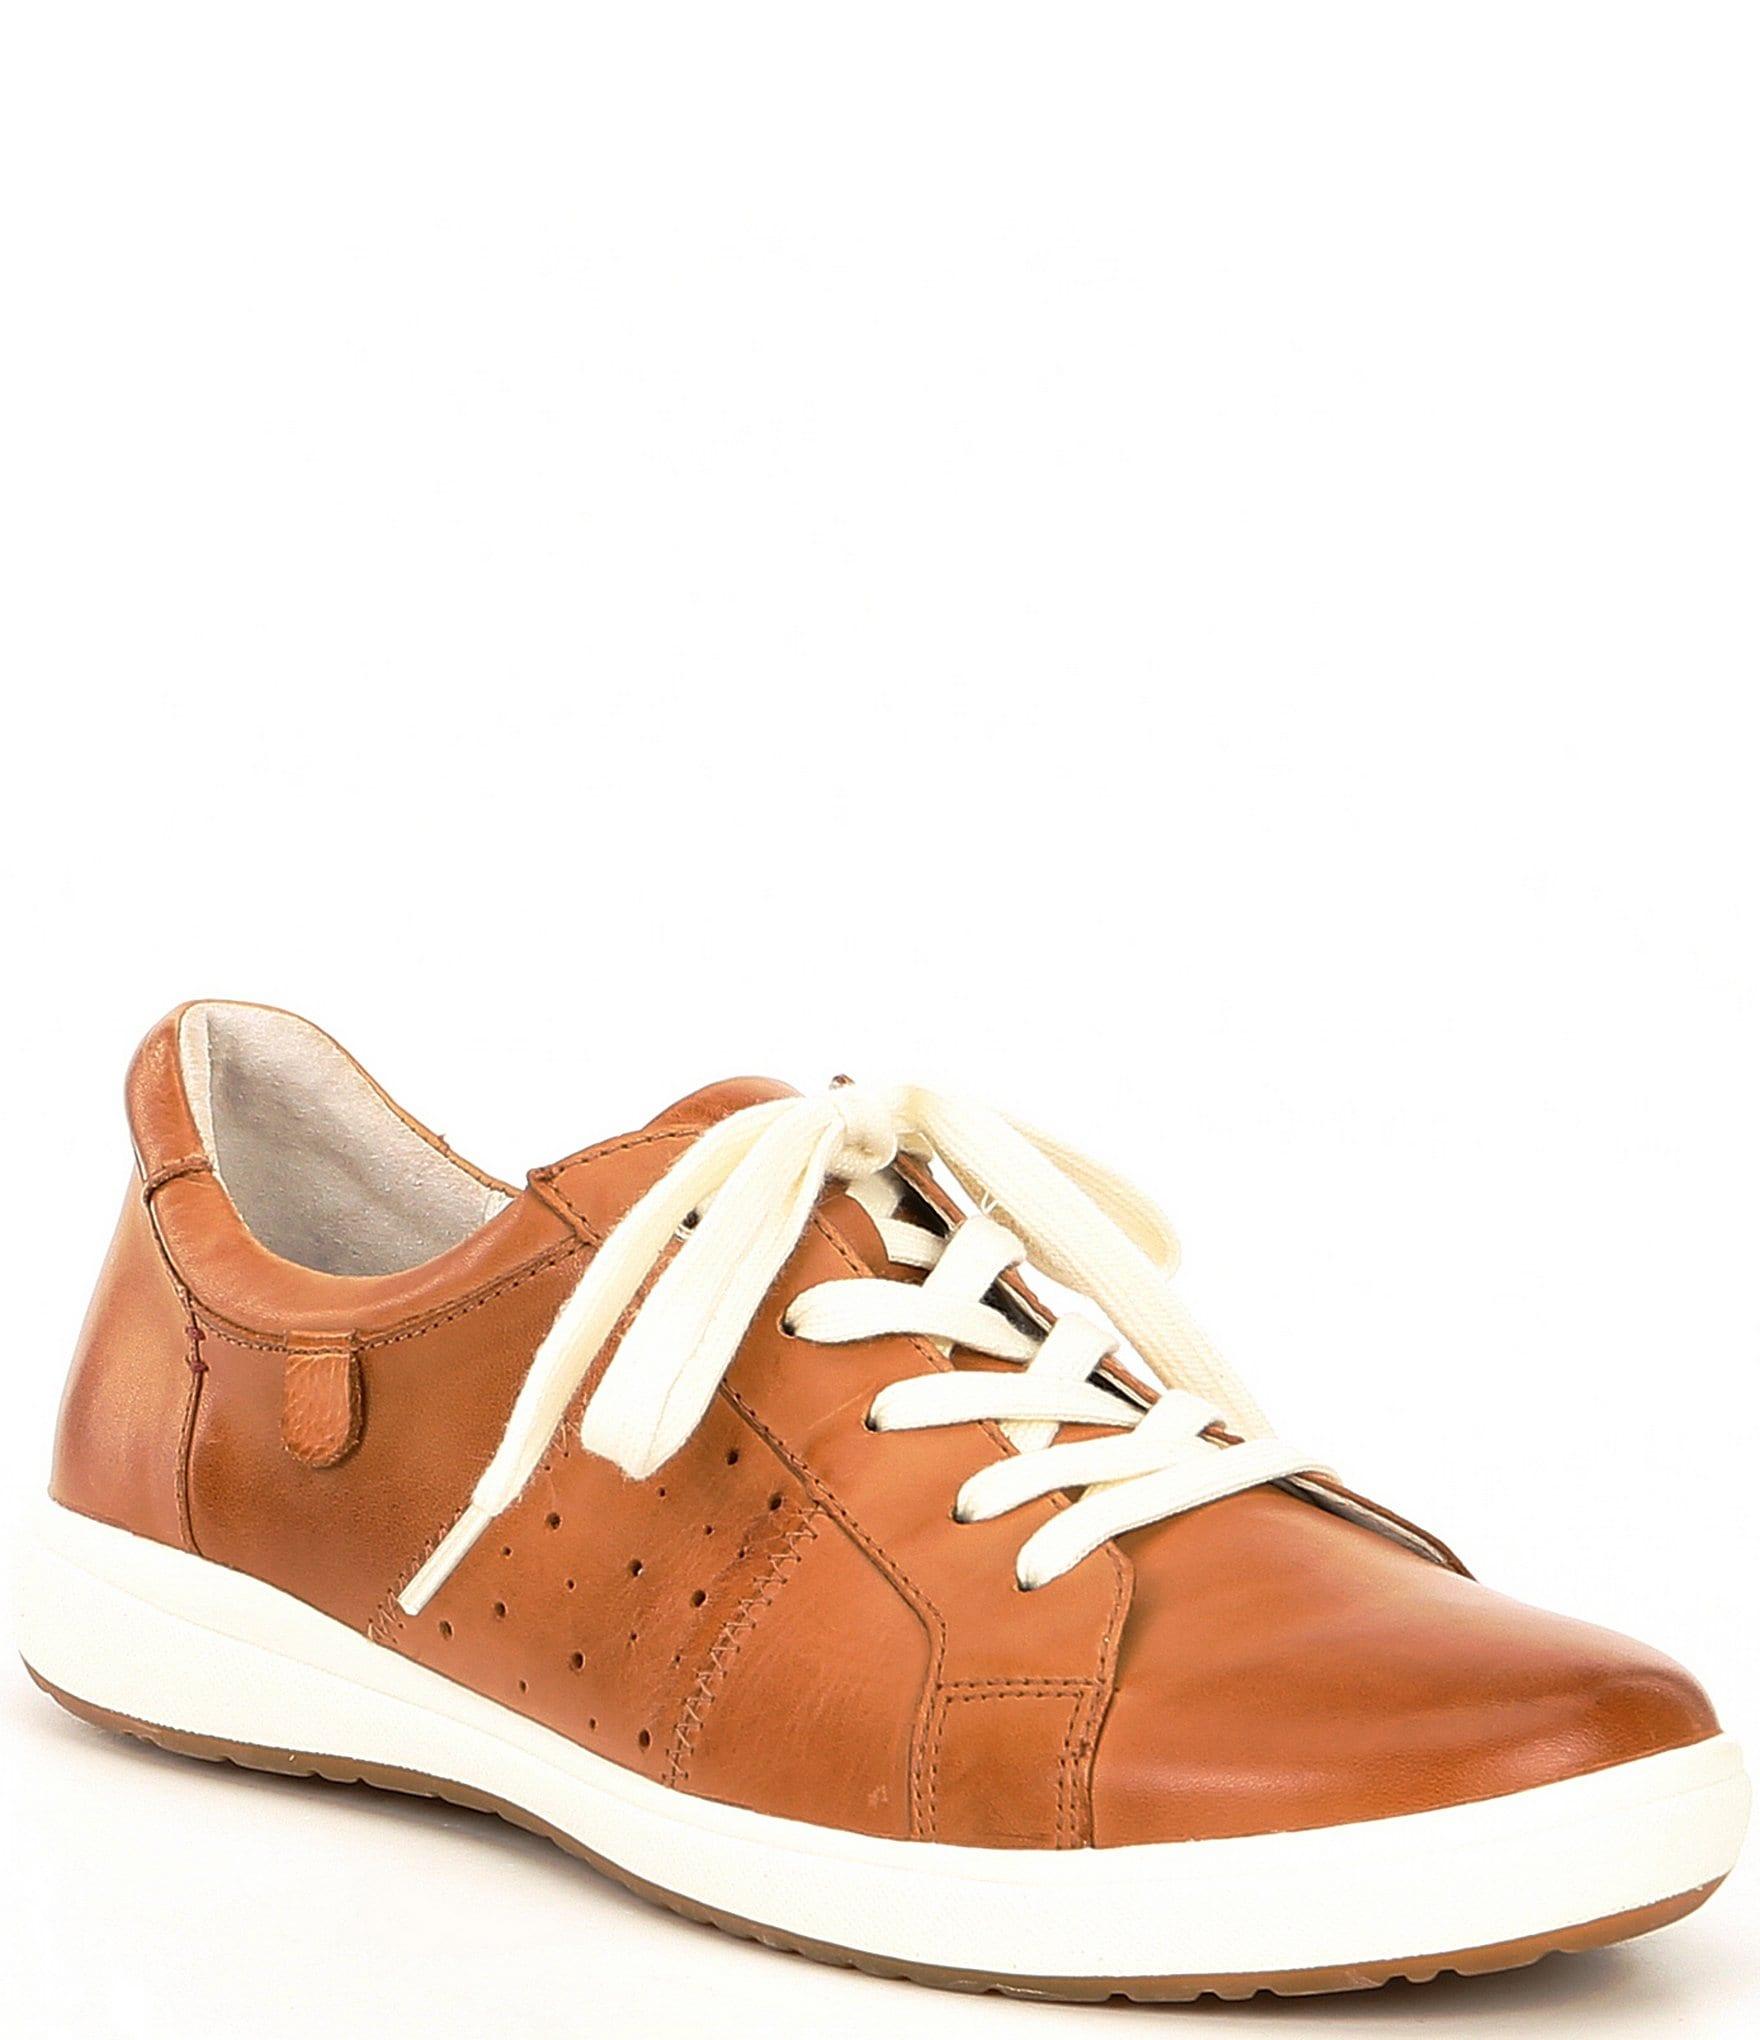 Josef Seibel Caren 01 Leather Sneakers